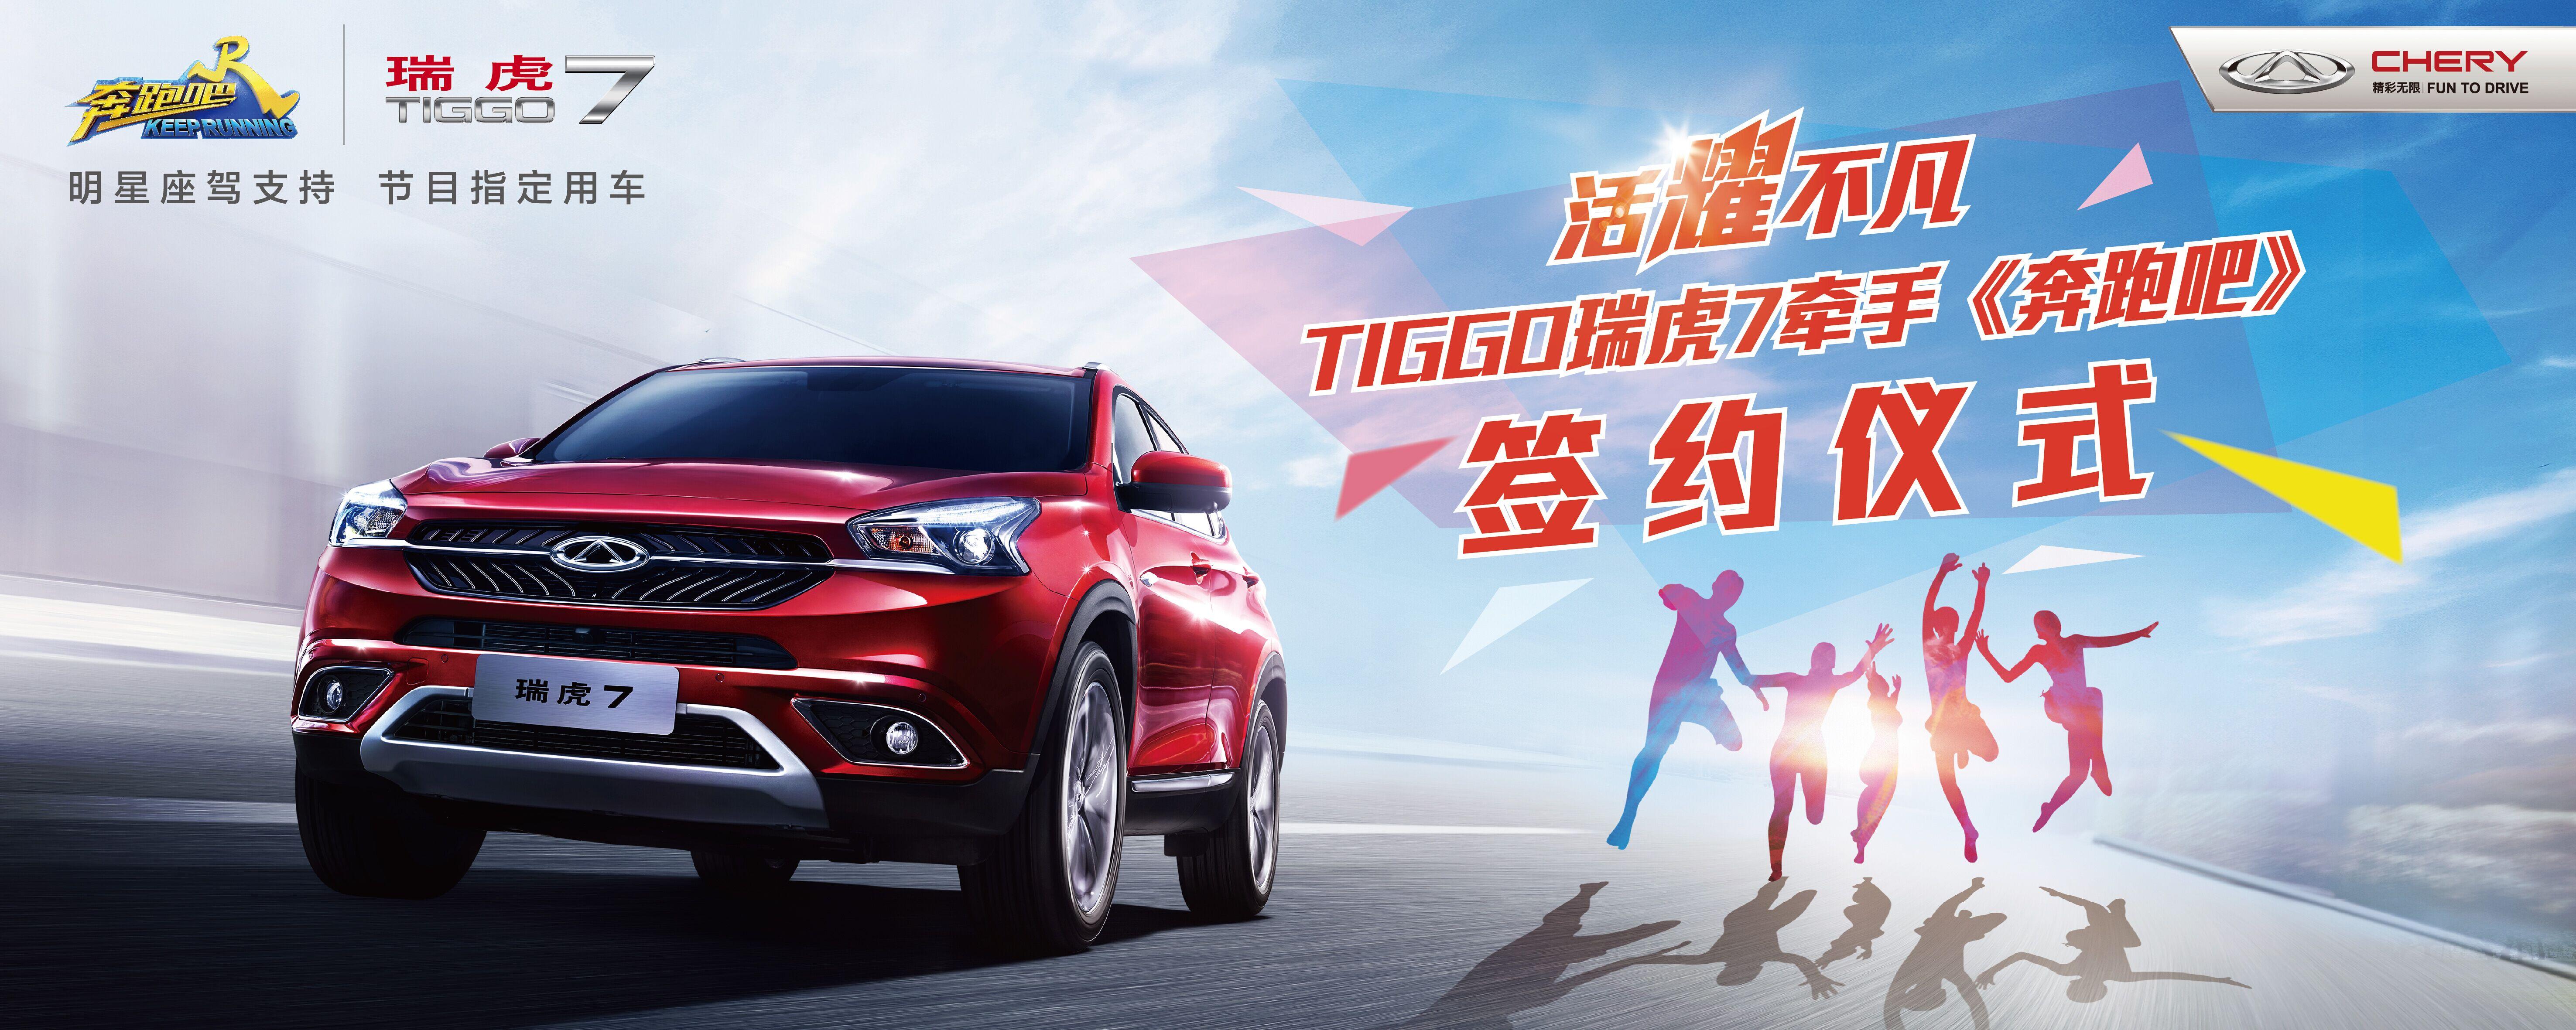 领跑品牌新时尚 奇瑞瑞虎7成为《奔跑吧》指定用车